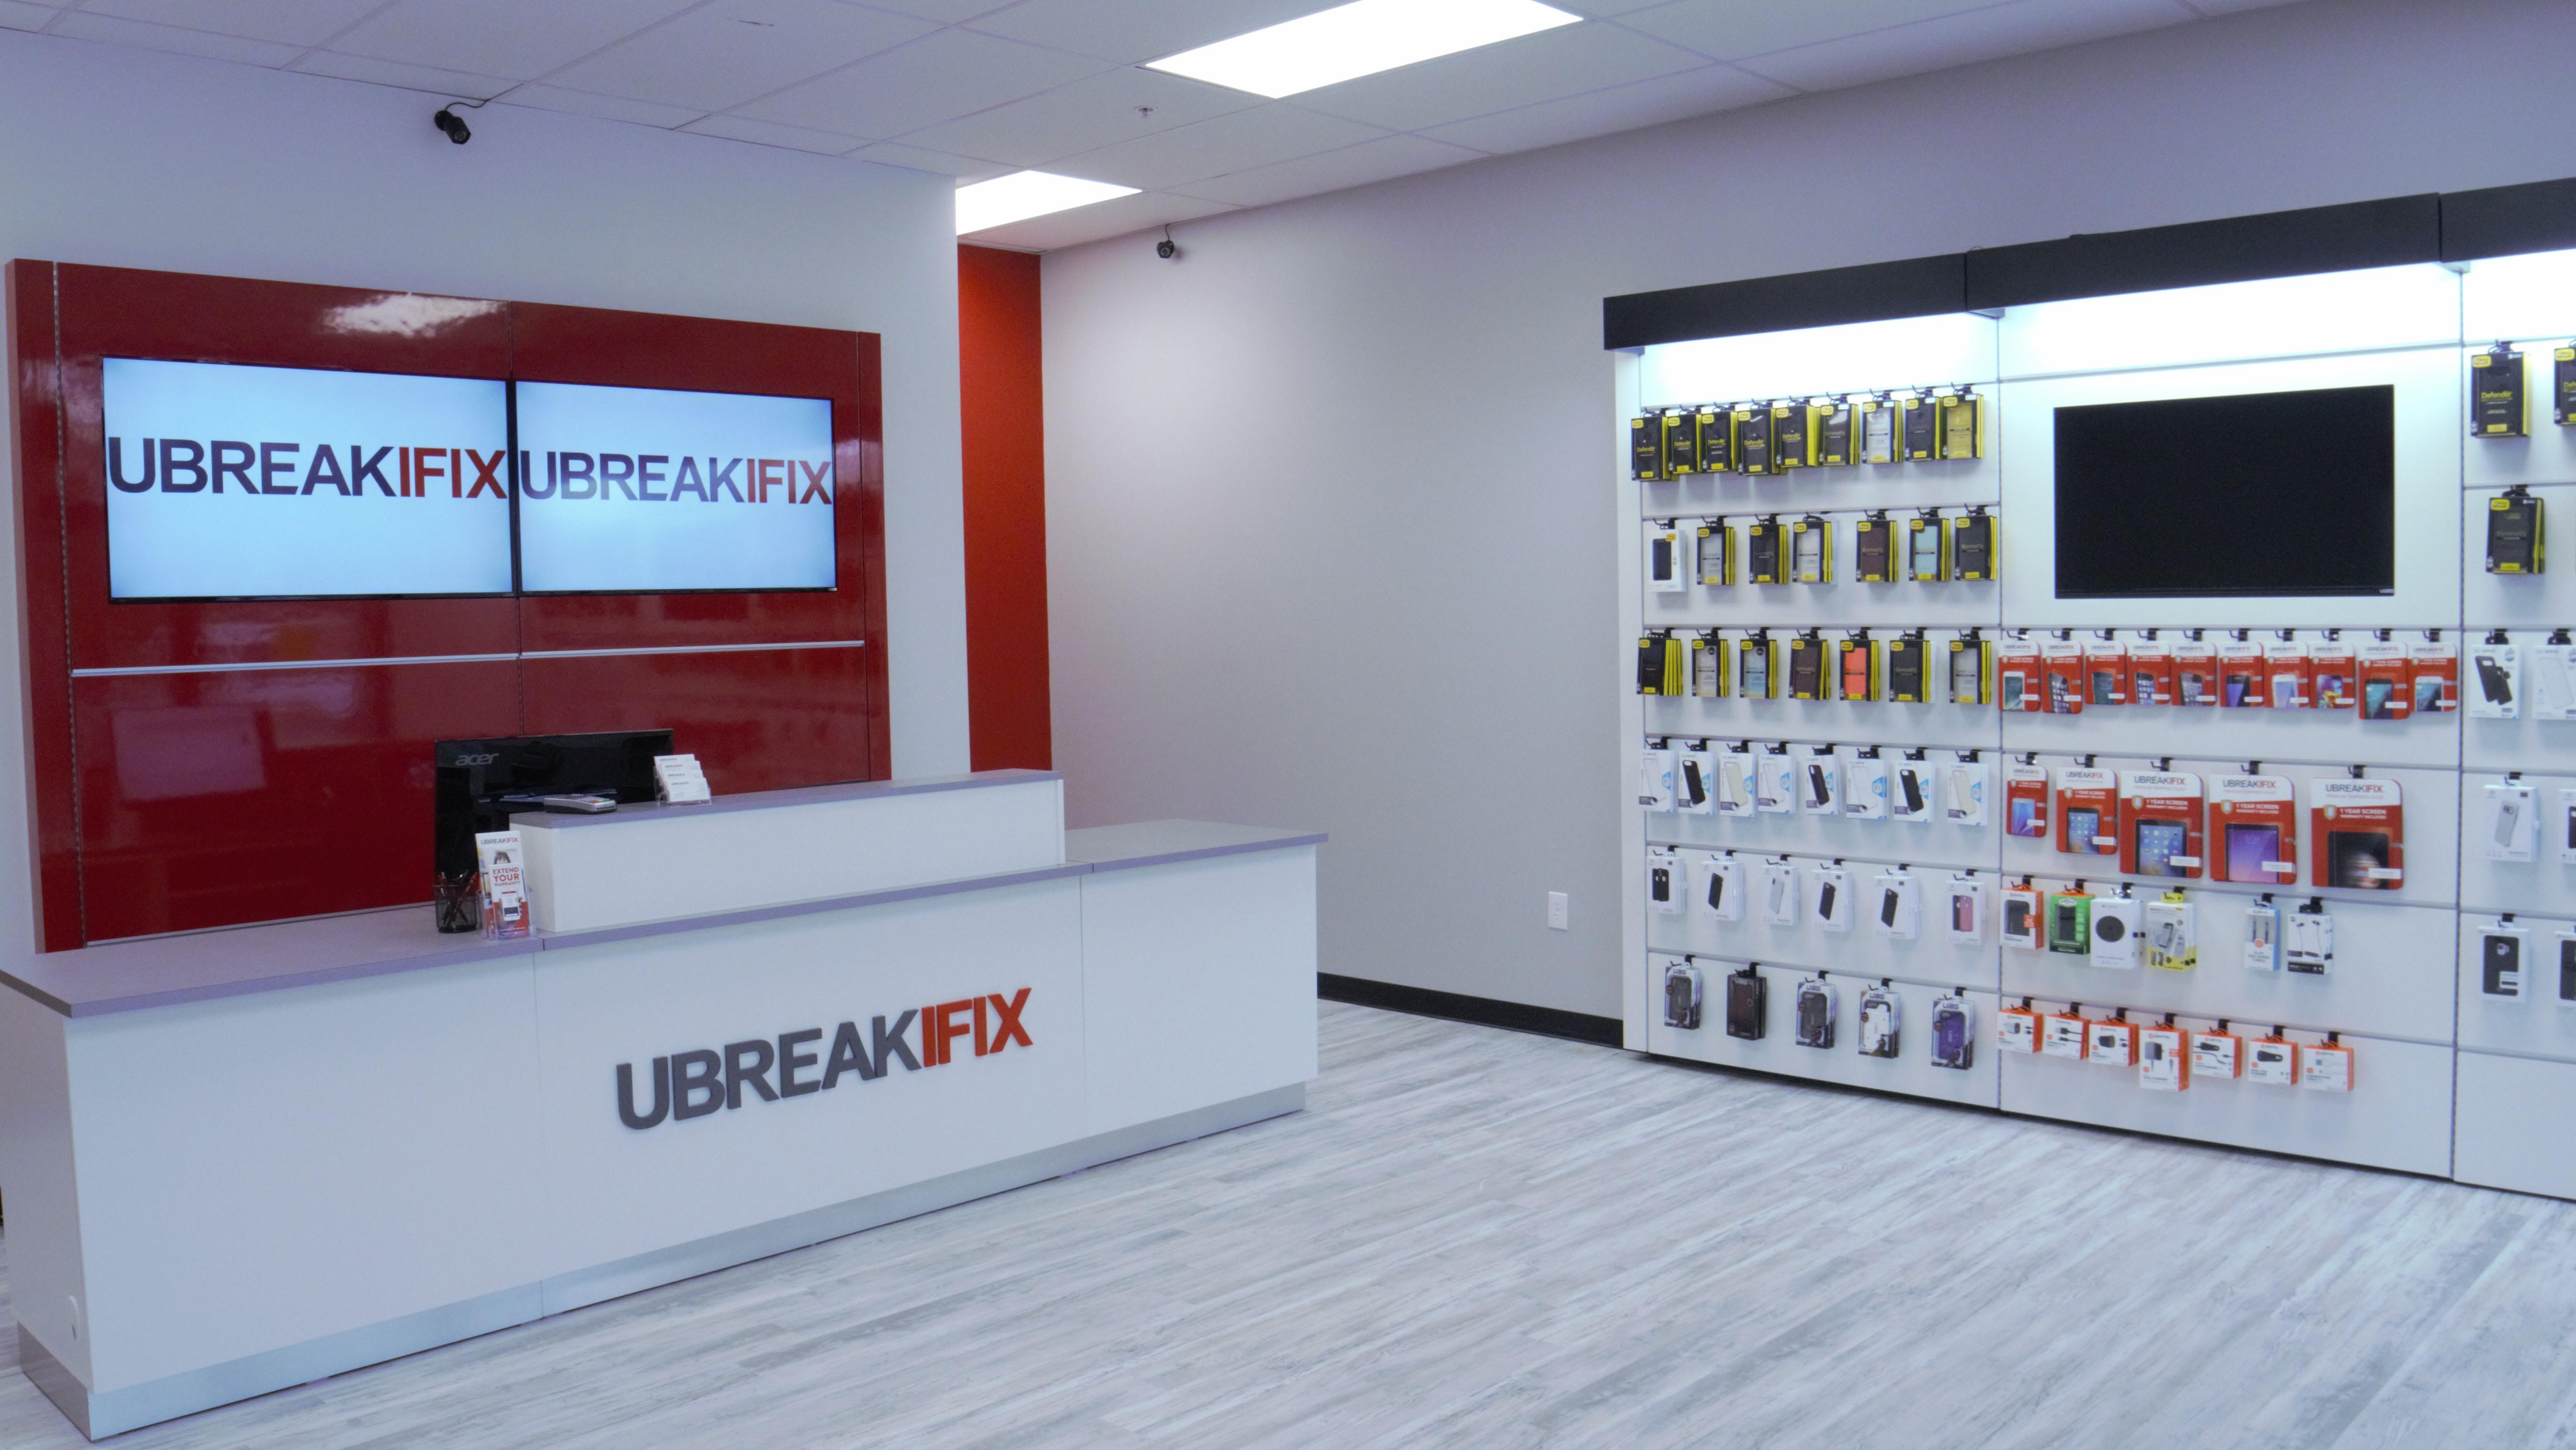 uBreakiFix image 1